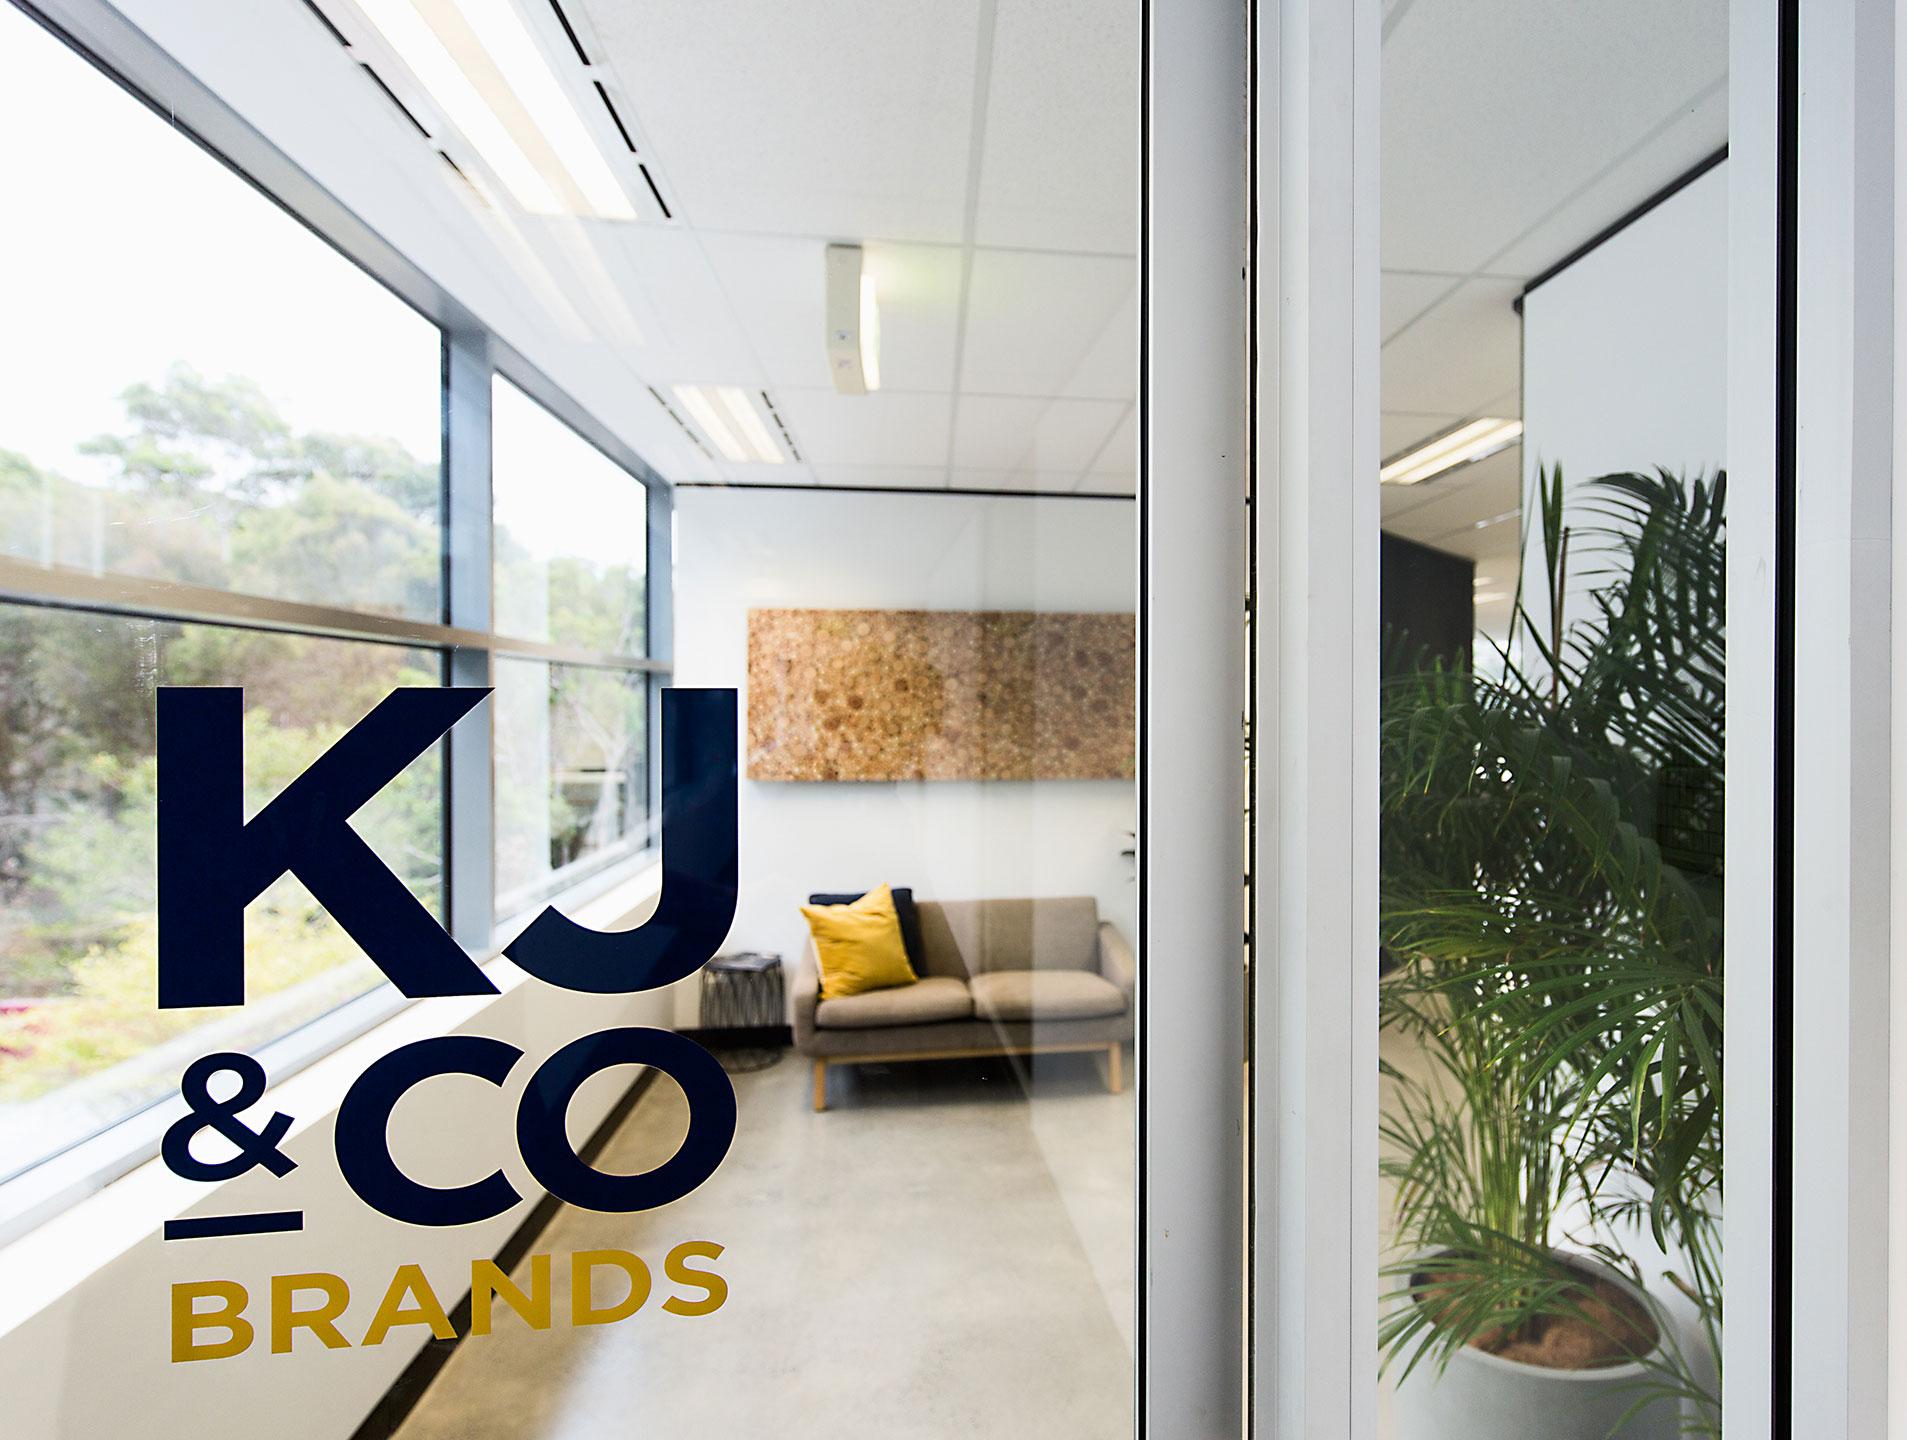 KJ & Co